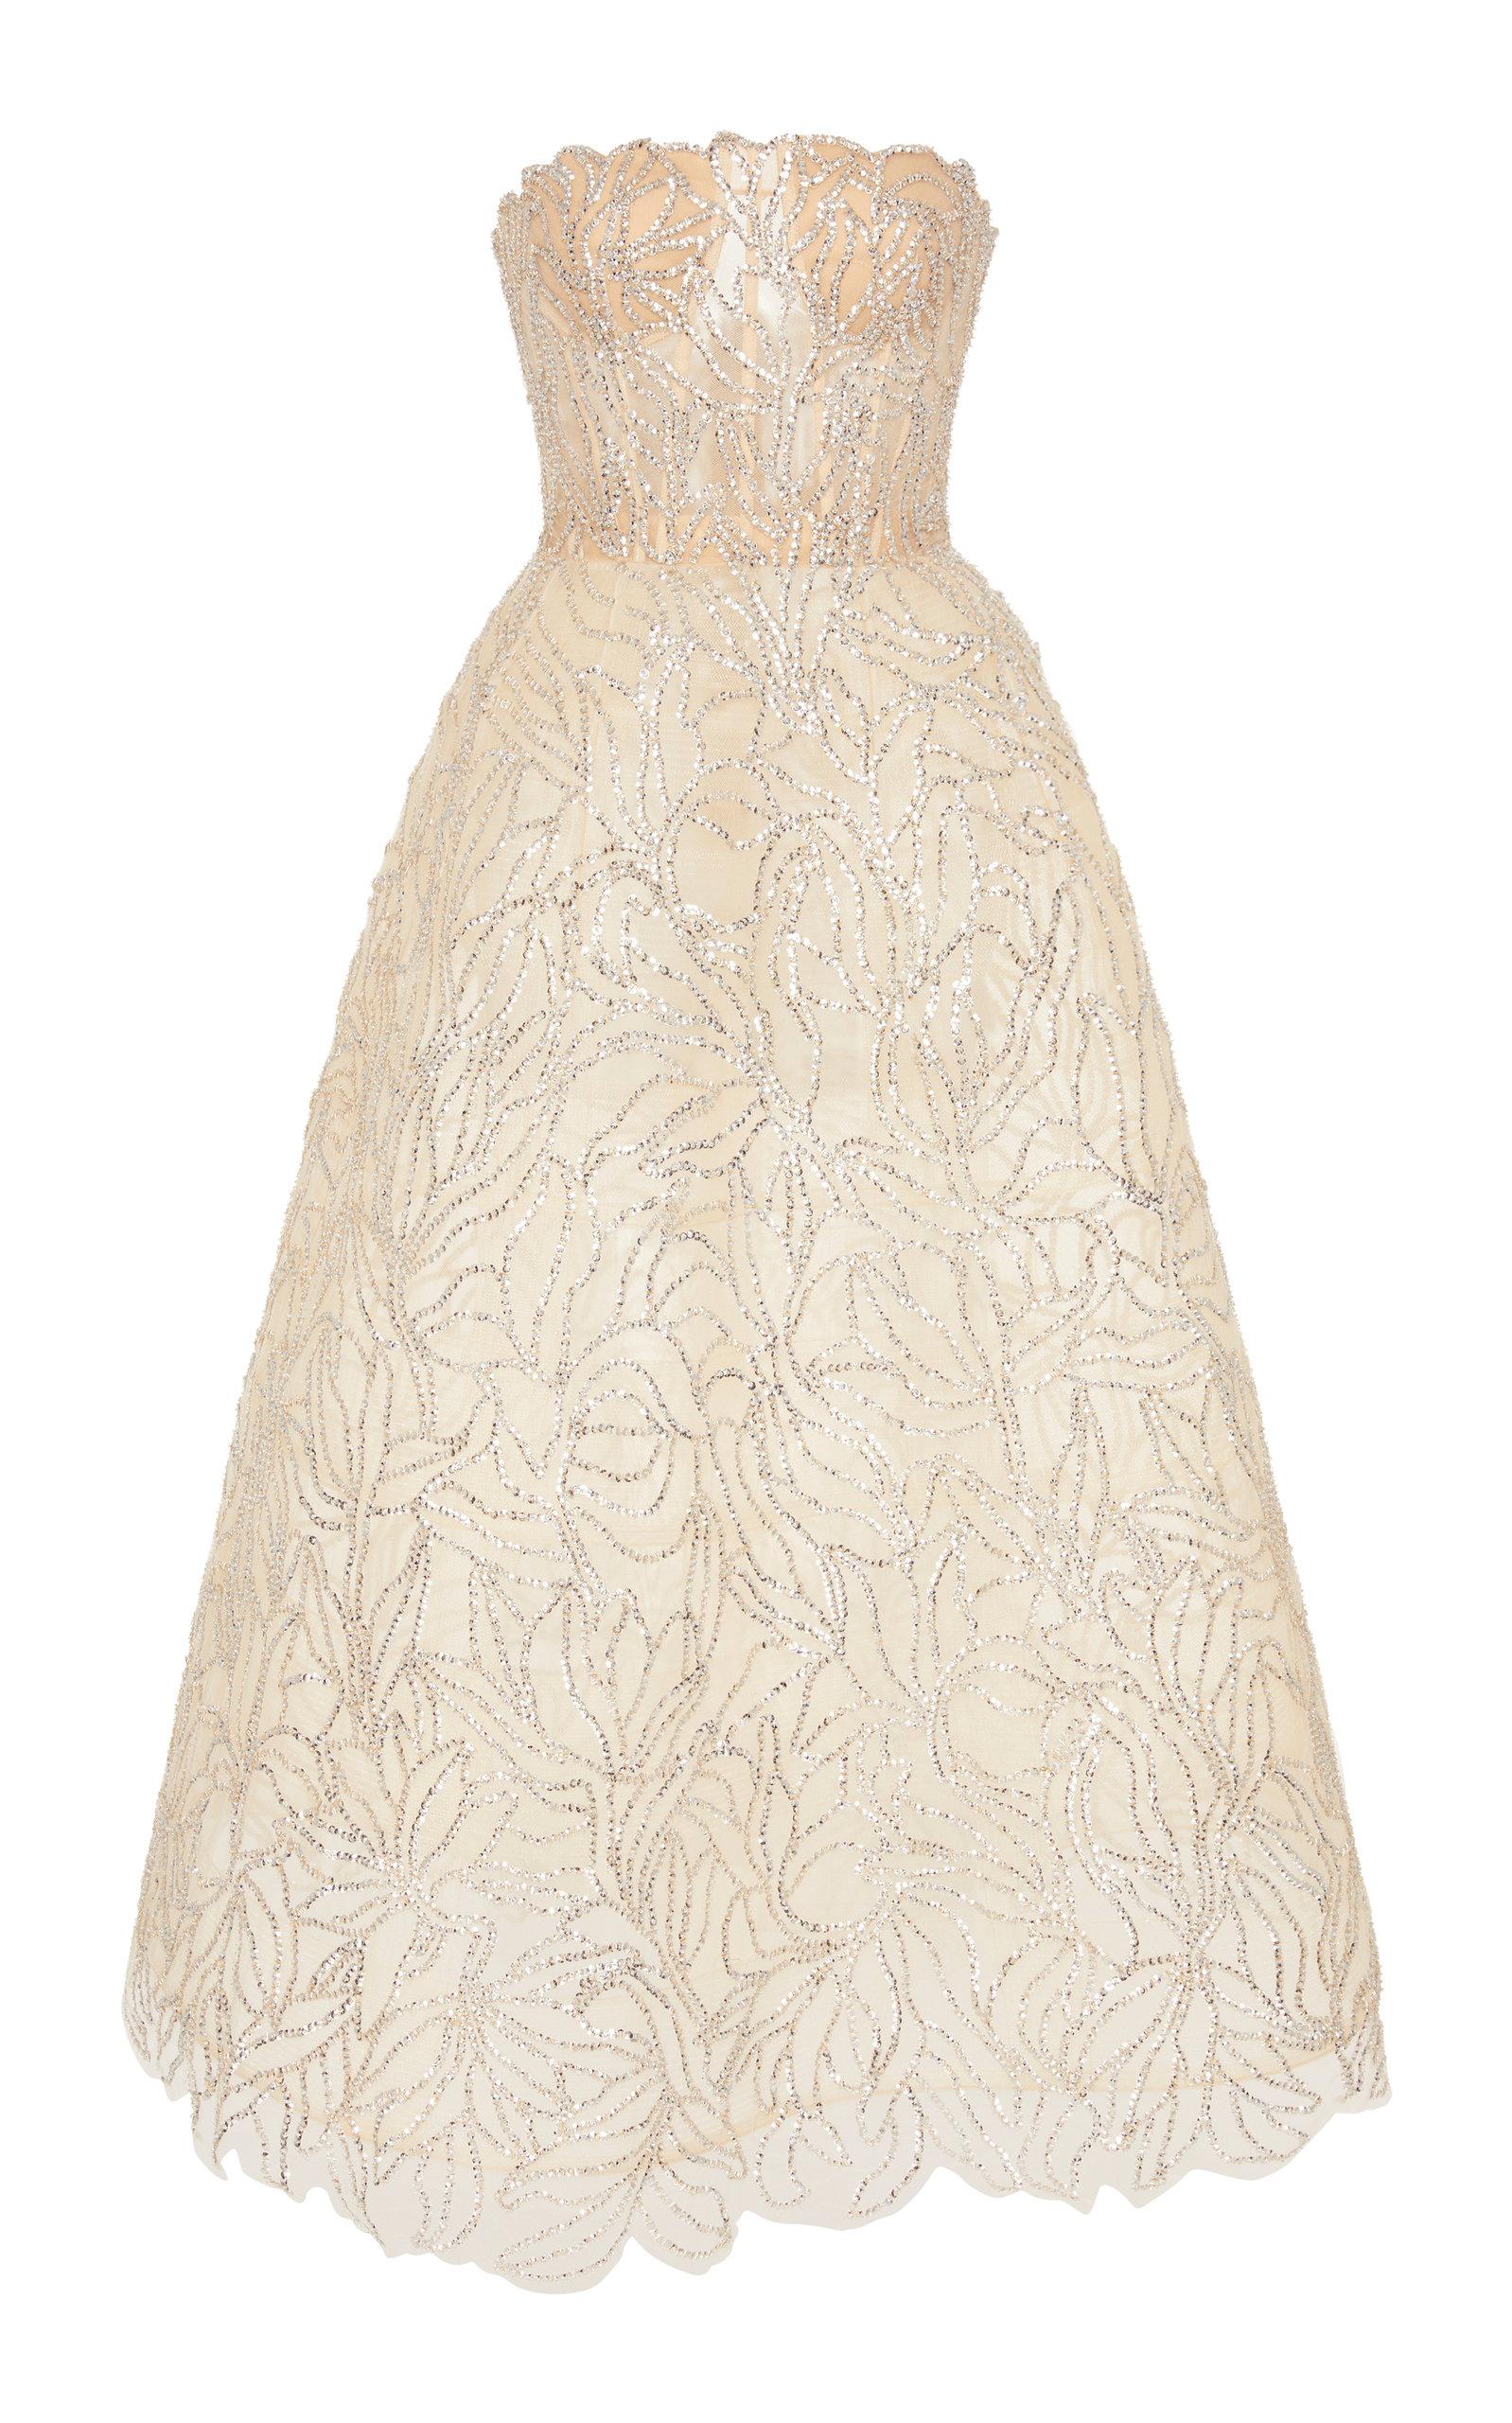 Buy Oscar de la Renta Crystal-Embellished Tulle Strapless Dress online, shop Oscar de la Renta at the best price